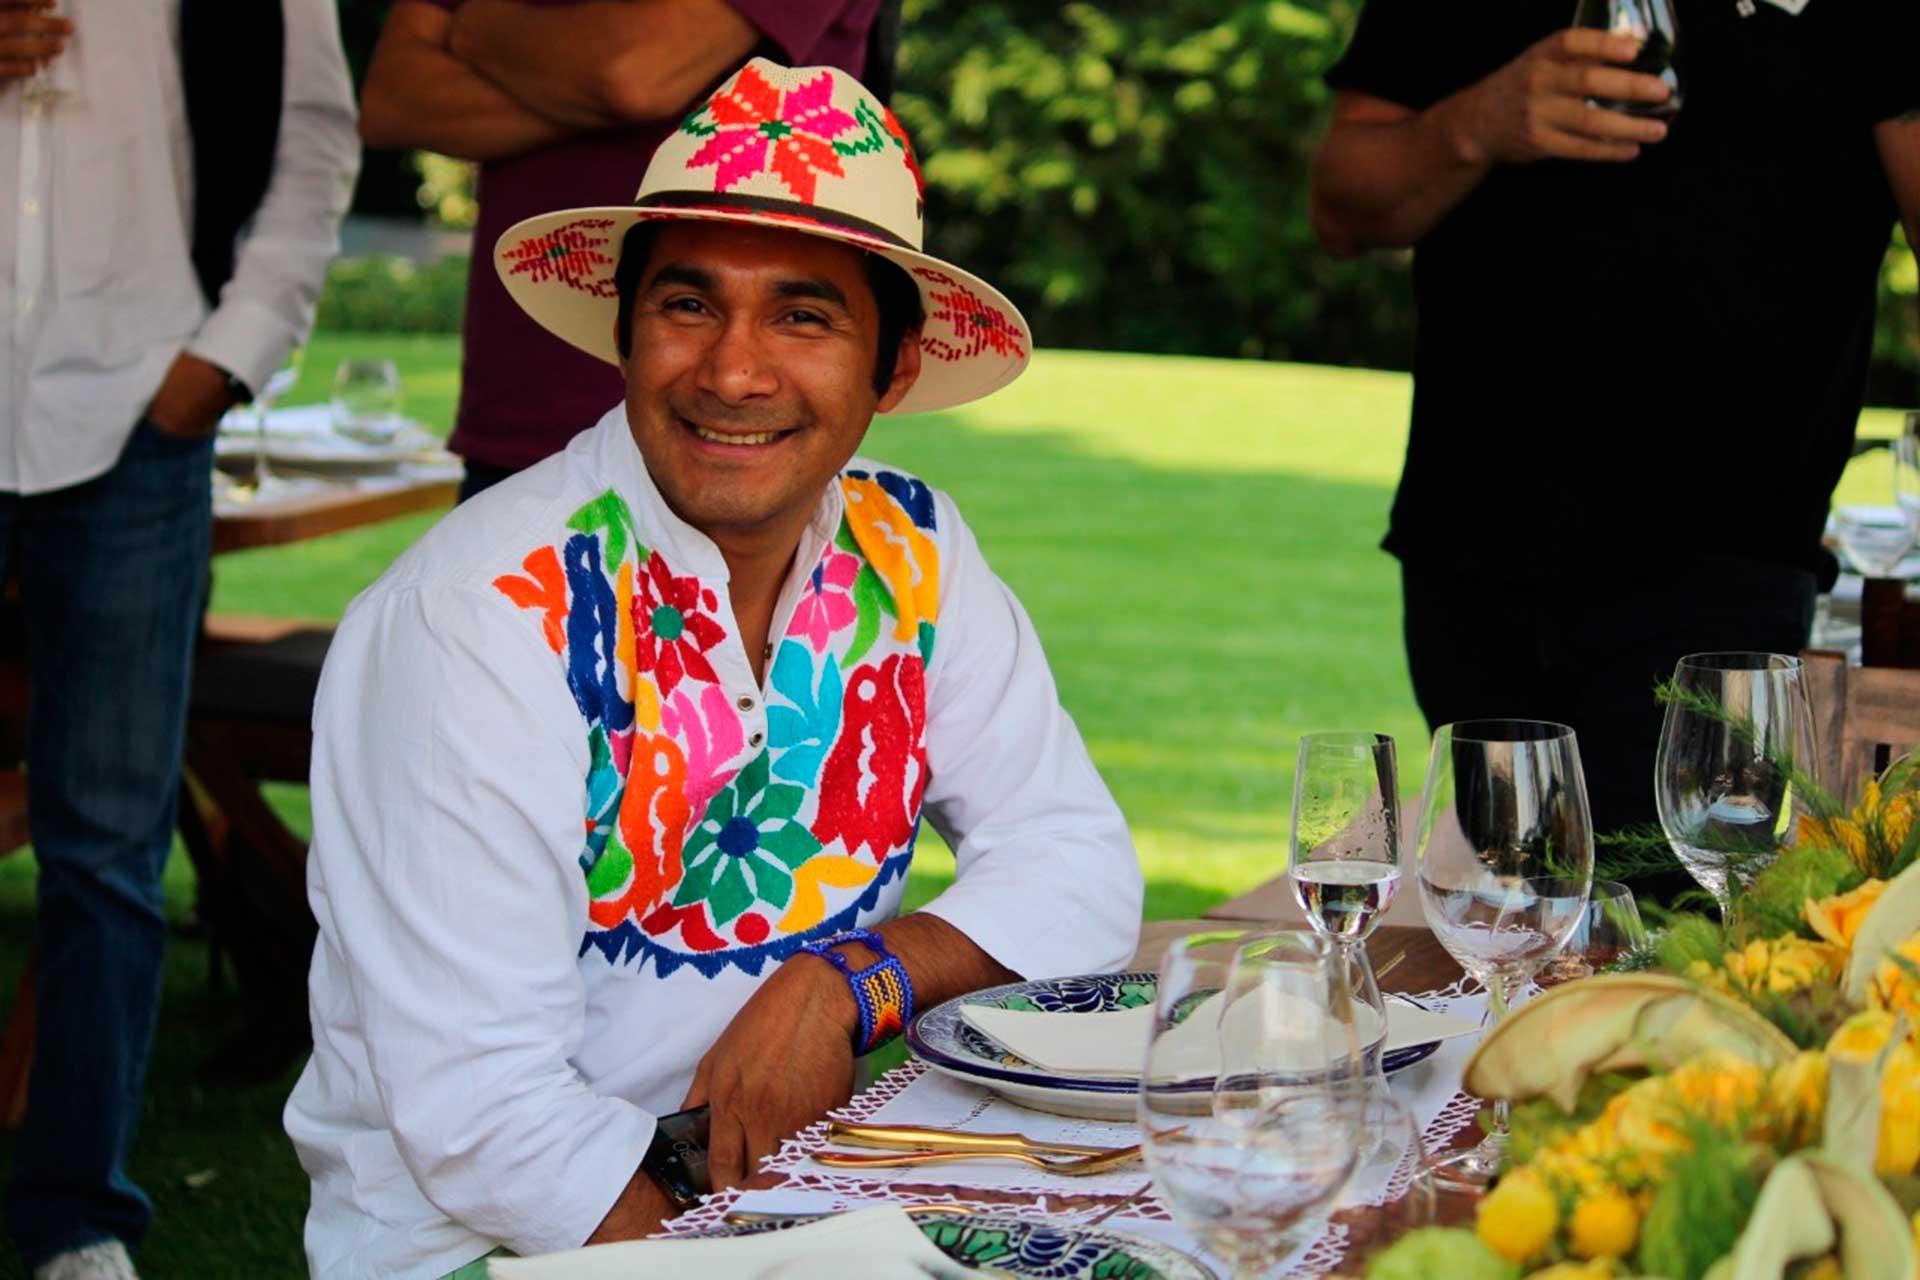 Chef Irad Santacruz